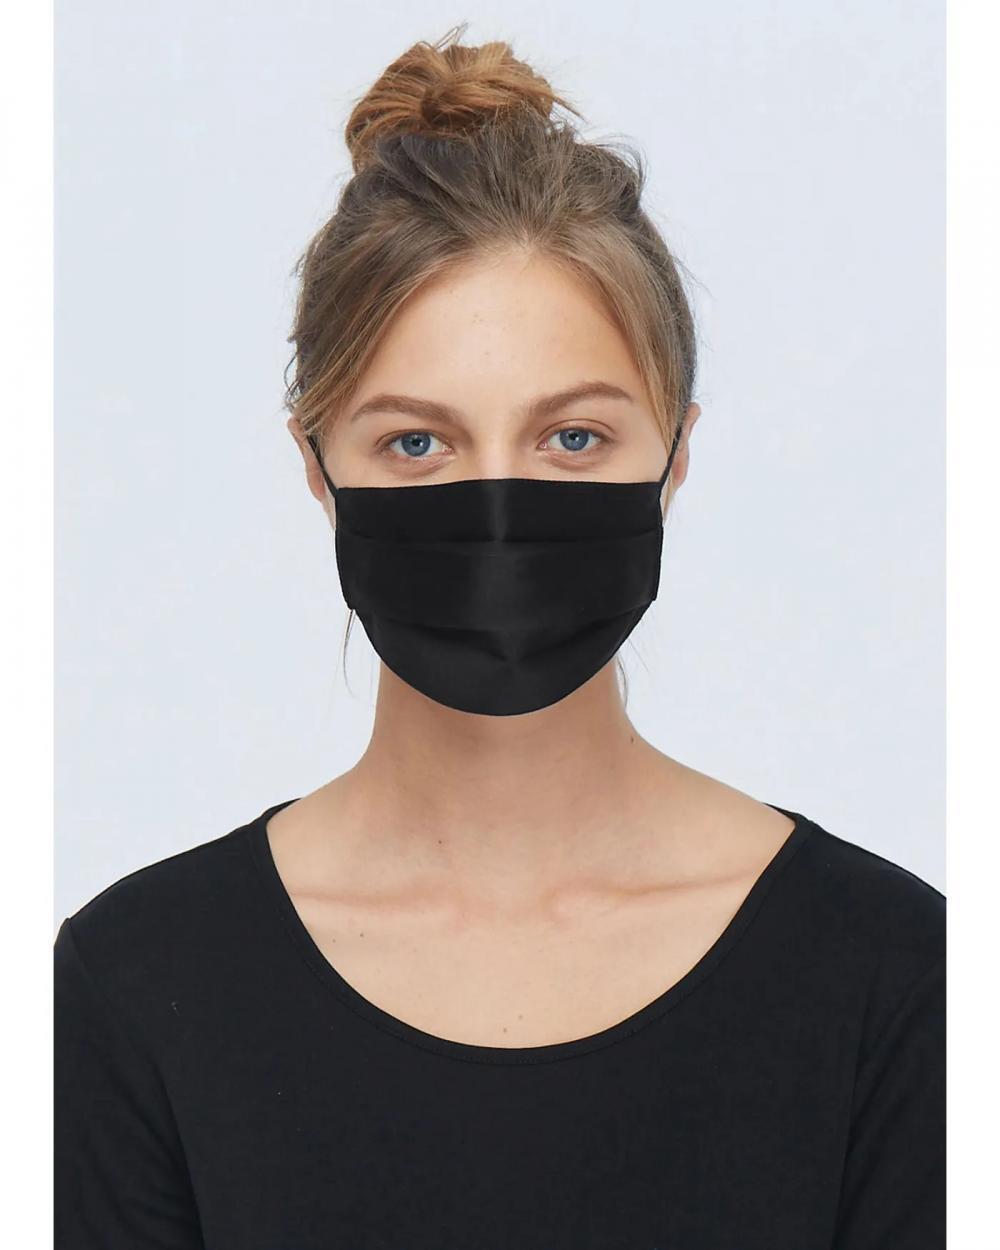 Cozy Pure Silk Gauze Mask Black 1 Pack 01 Webp Jpg